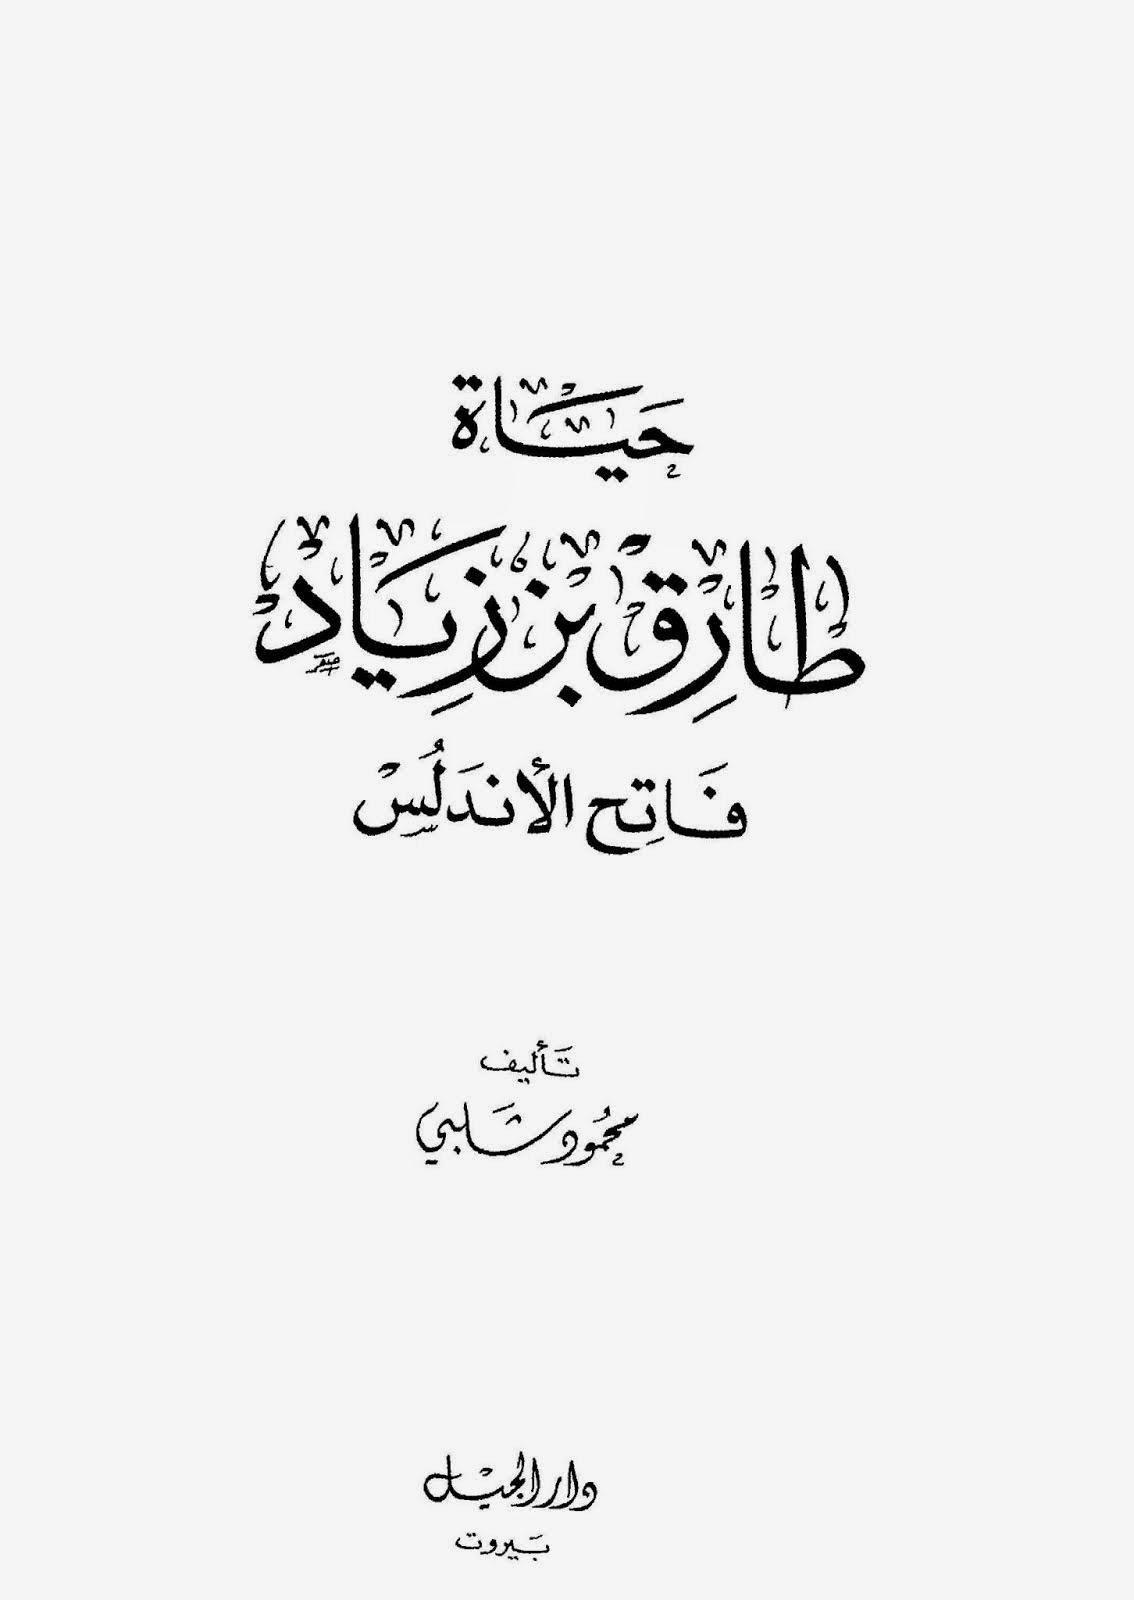 حياة طارق بن زياد فاتح الأندلس لـ محمود شلبي